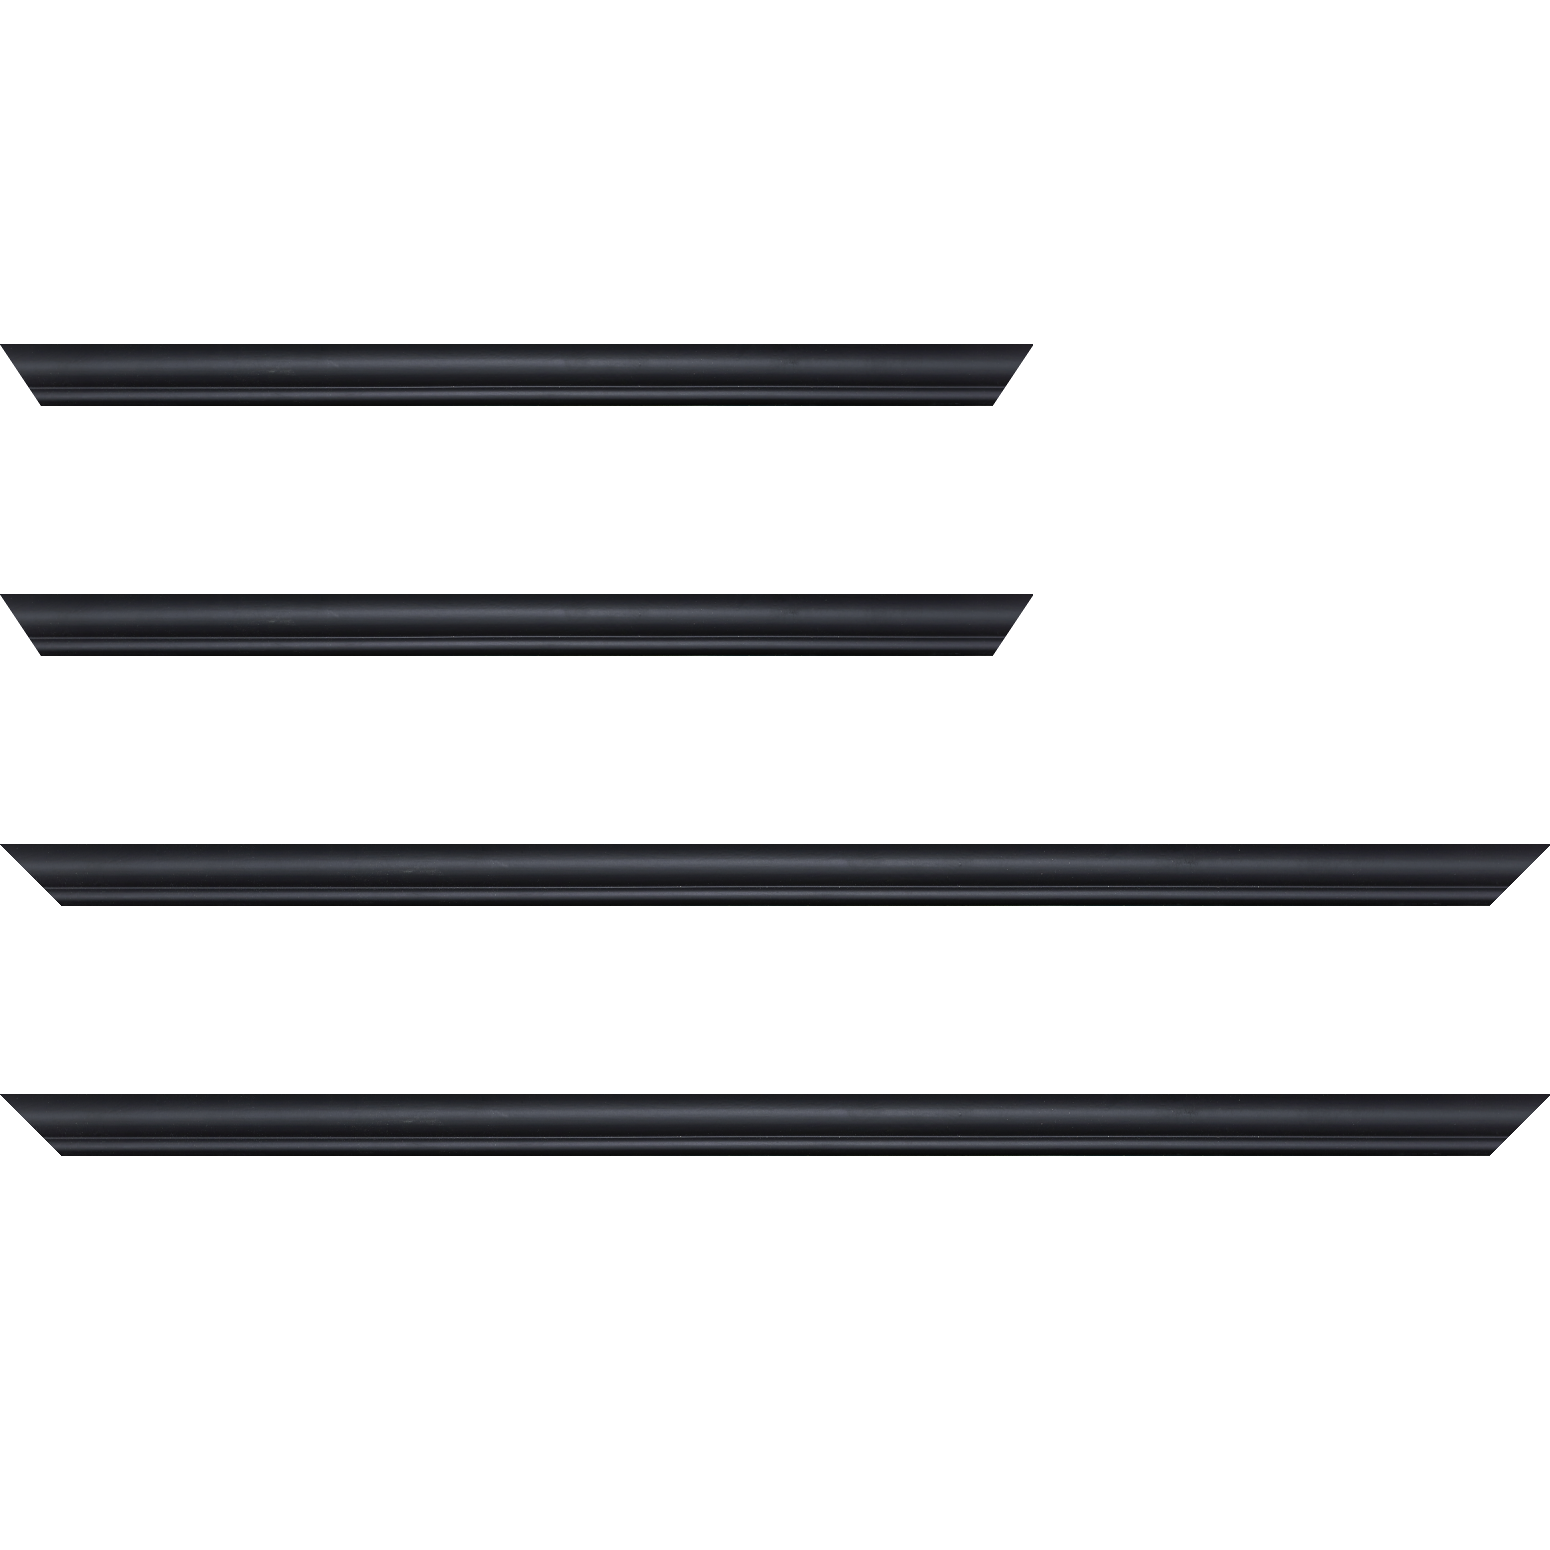 Baguette service précoupé Bois profil arrondi largeur 2.1cm couleur noir mat filet noir